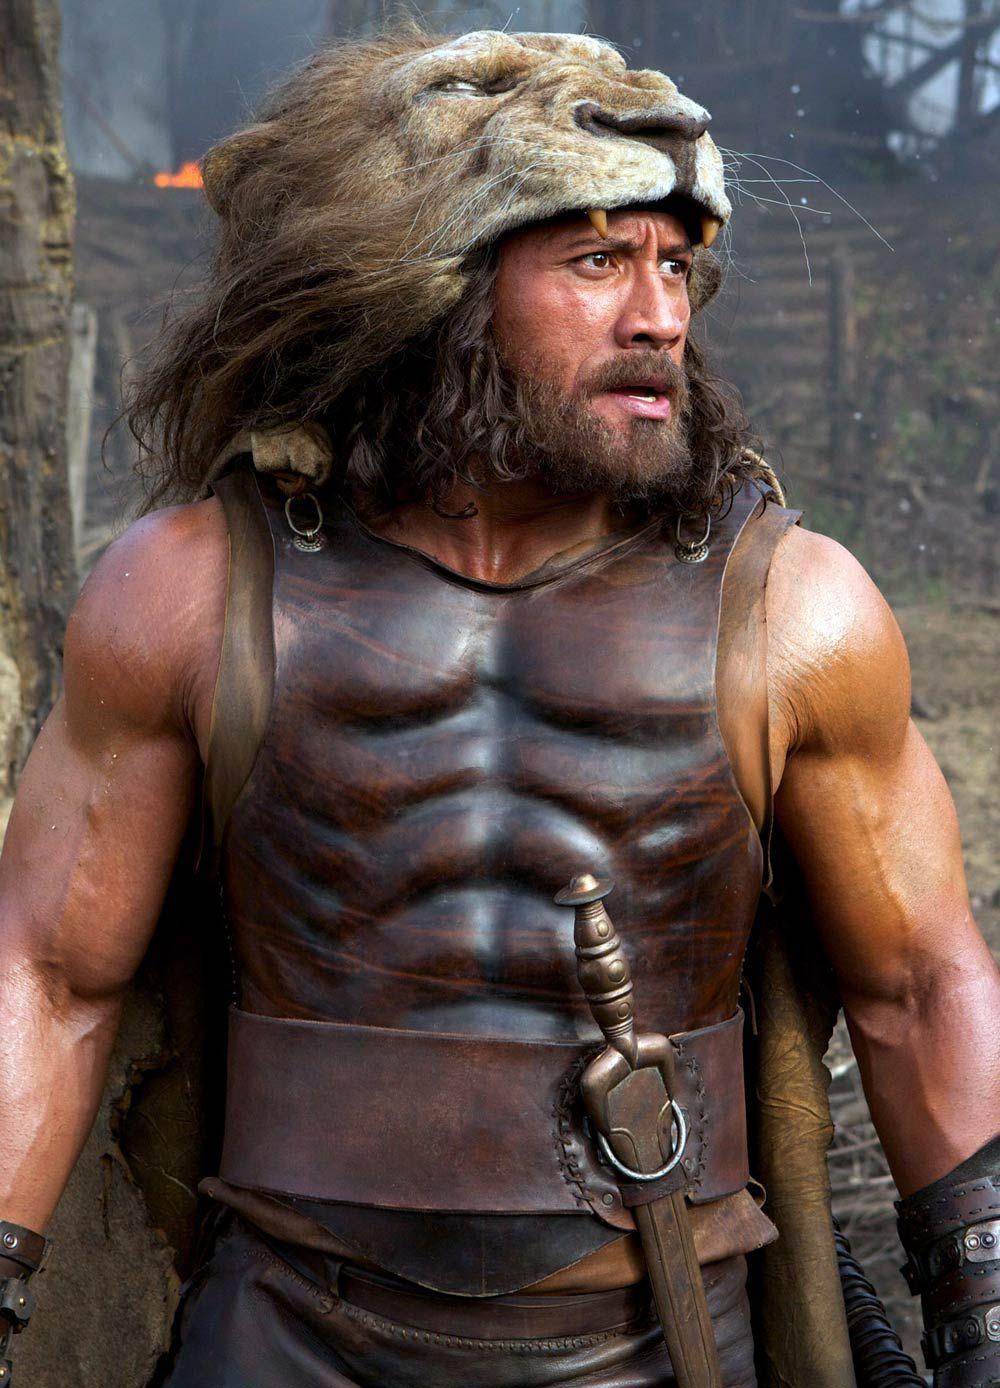 Hercules dwayne johnson